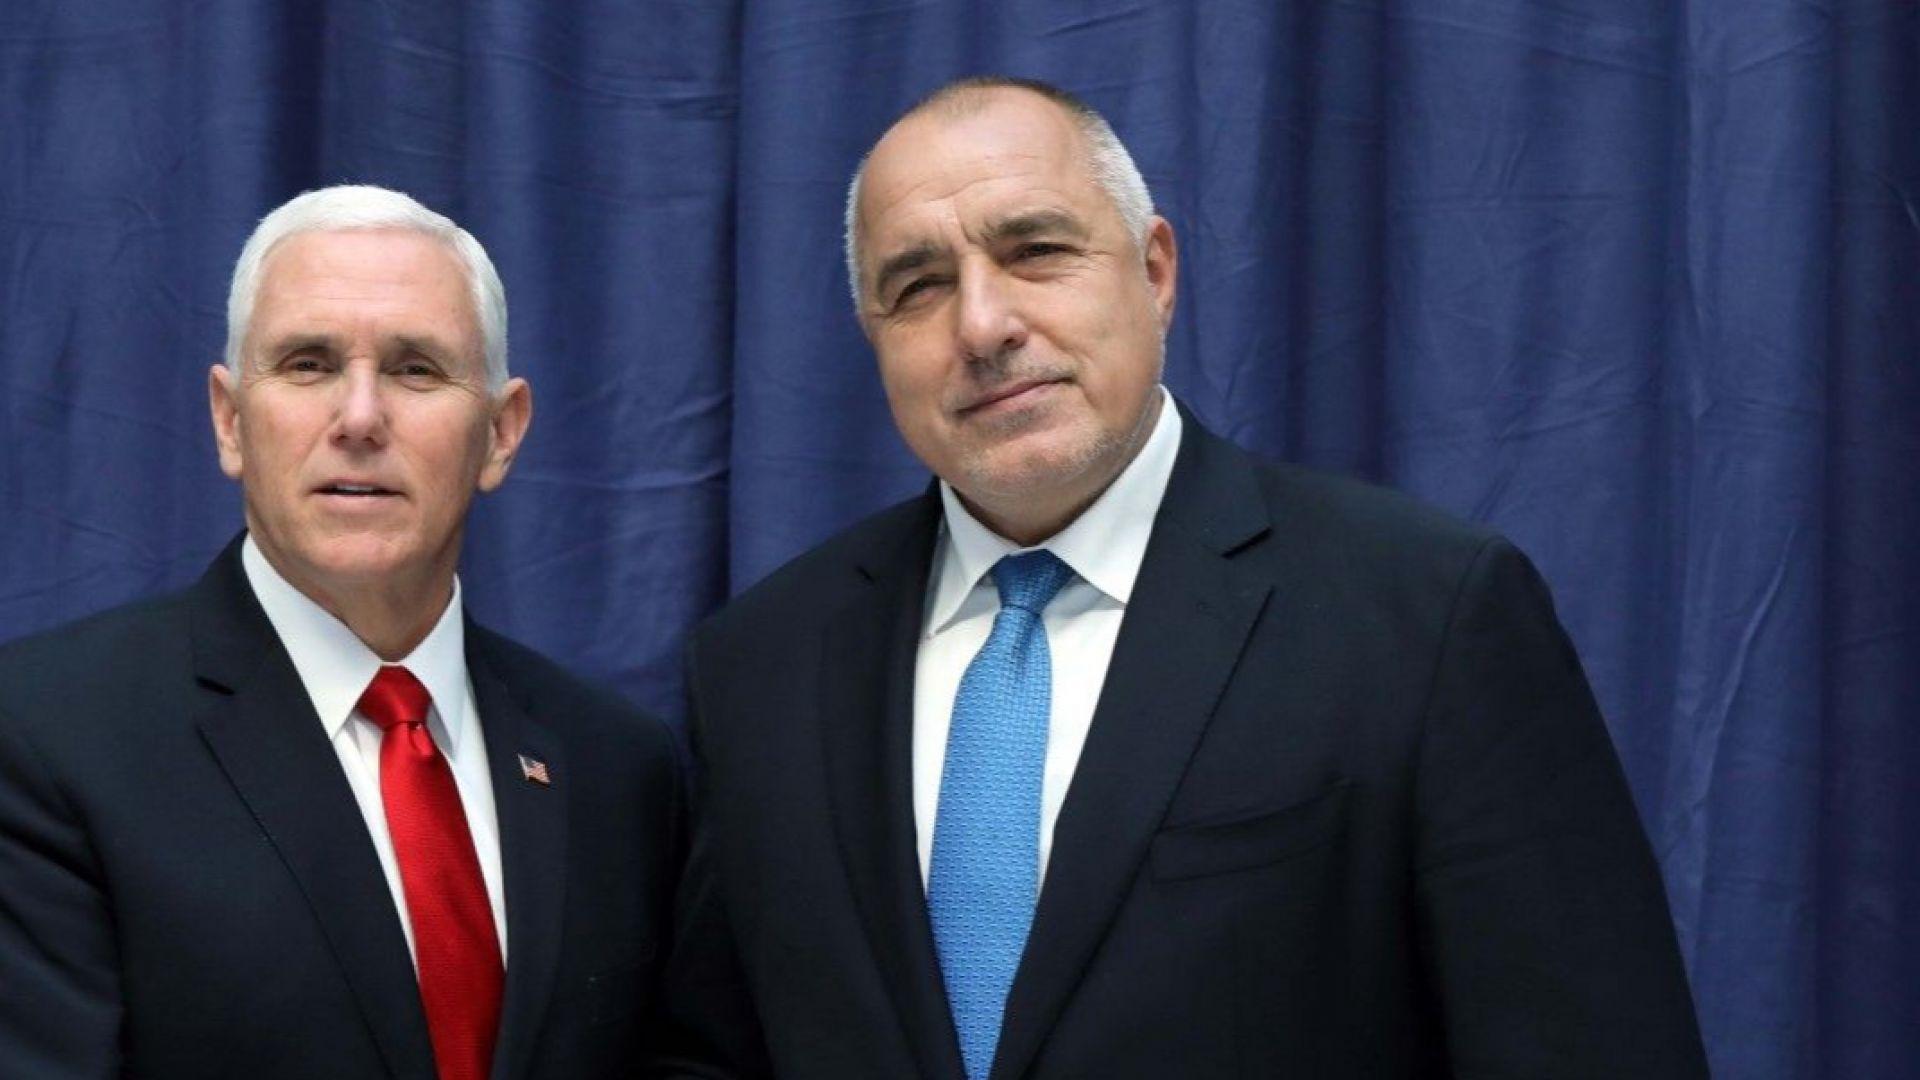 Борисов: Майк Пенс одобри всичко, което правим, благодари на спецслужбите ни